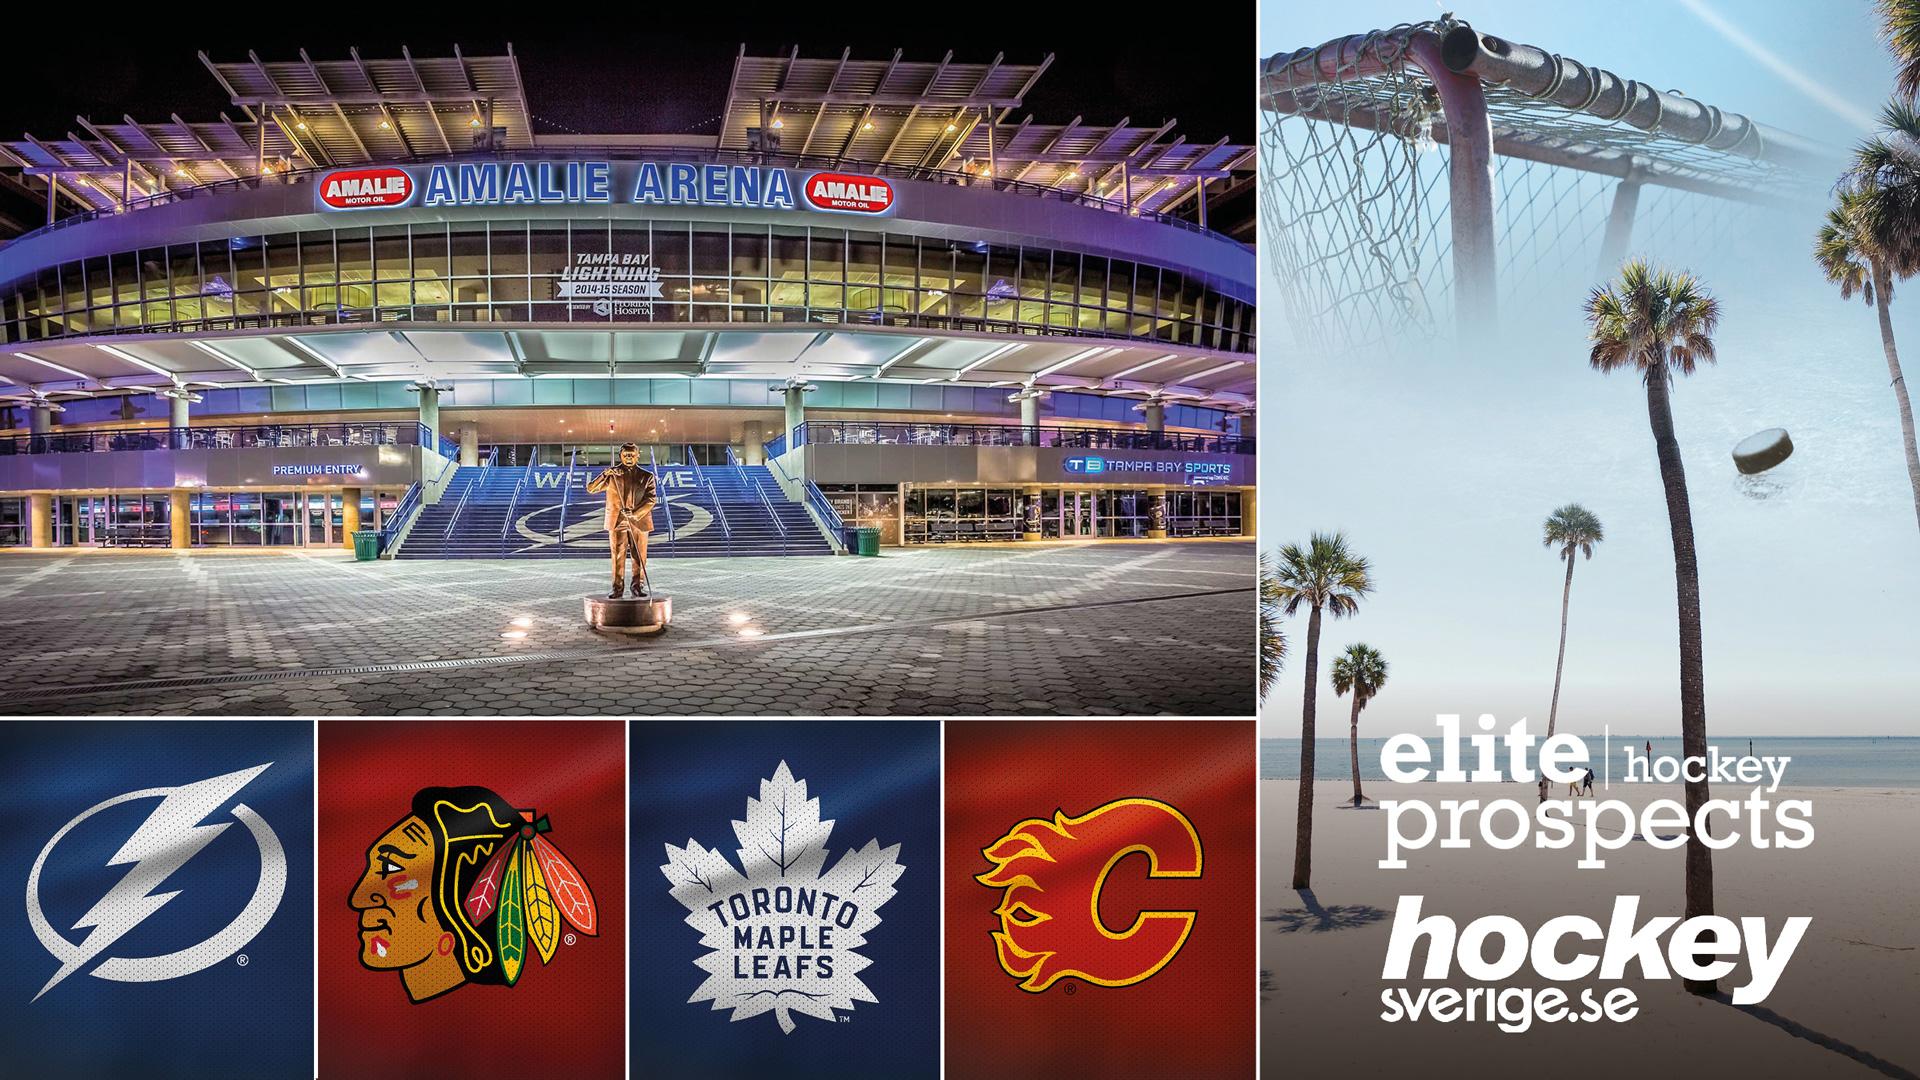 Hockeyresa Tampa med Hockeysverigeoch Elite Prospects - 24 feb - 2 mars 2020 | Vill du uppleva det bästa av två världar - sol och bad på Floridas stränder samt tre NHL-matcher? Tillsammans med Hockeysverige och Elite Prospects erbjuder vi en fantastisk NHL-resa till Tampa där Peter Sibner är färdledare.